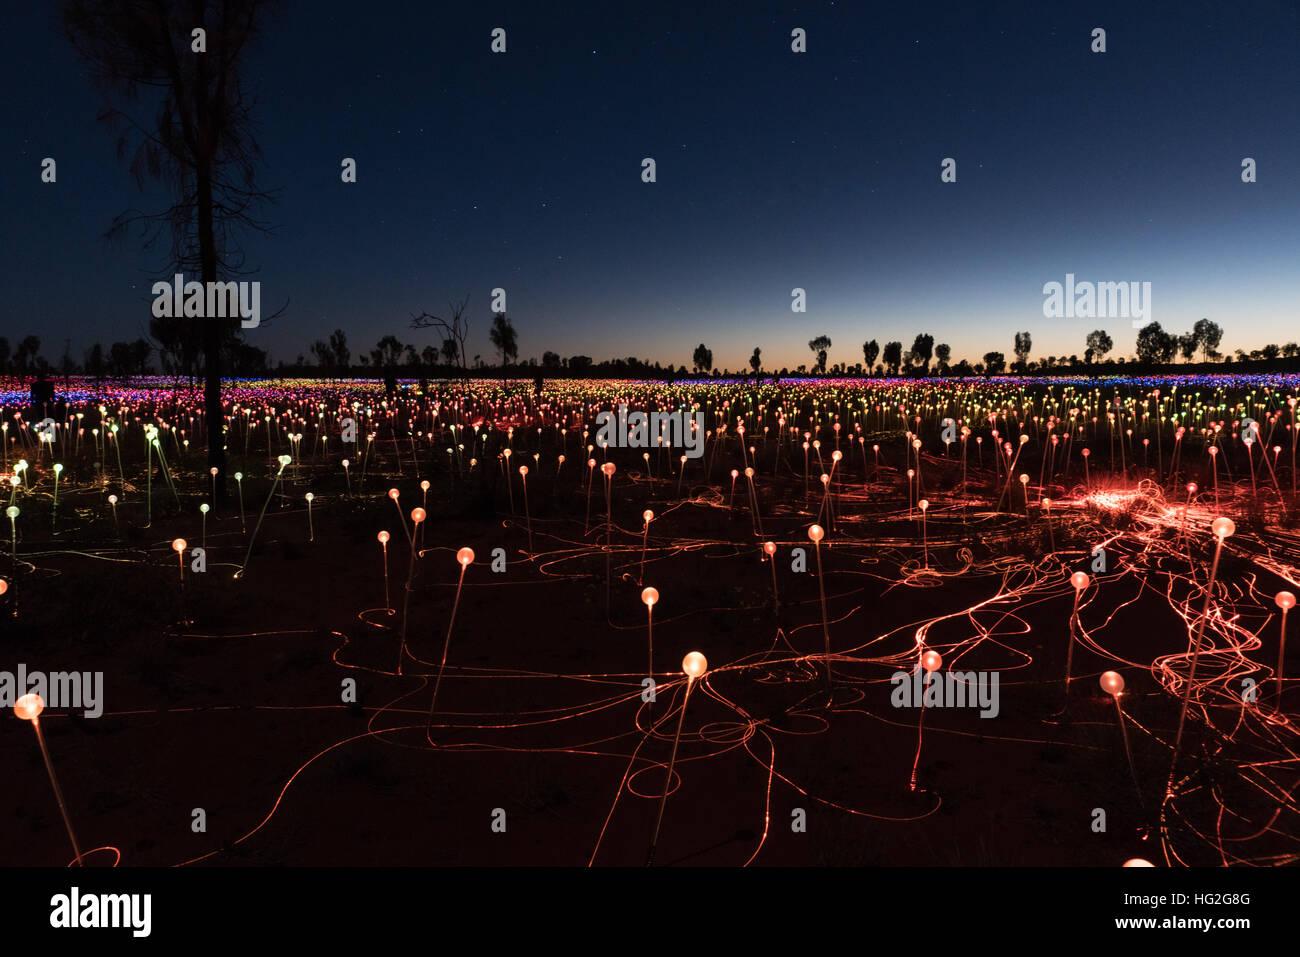 Campo de luz del artista Bruce Monro en Ayers Rock/Uluru, Australia tiene miles de luces de colores Foto de stock